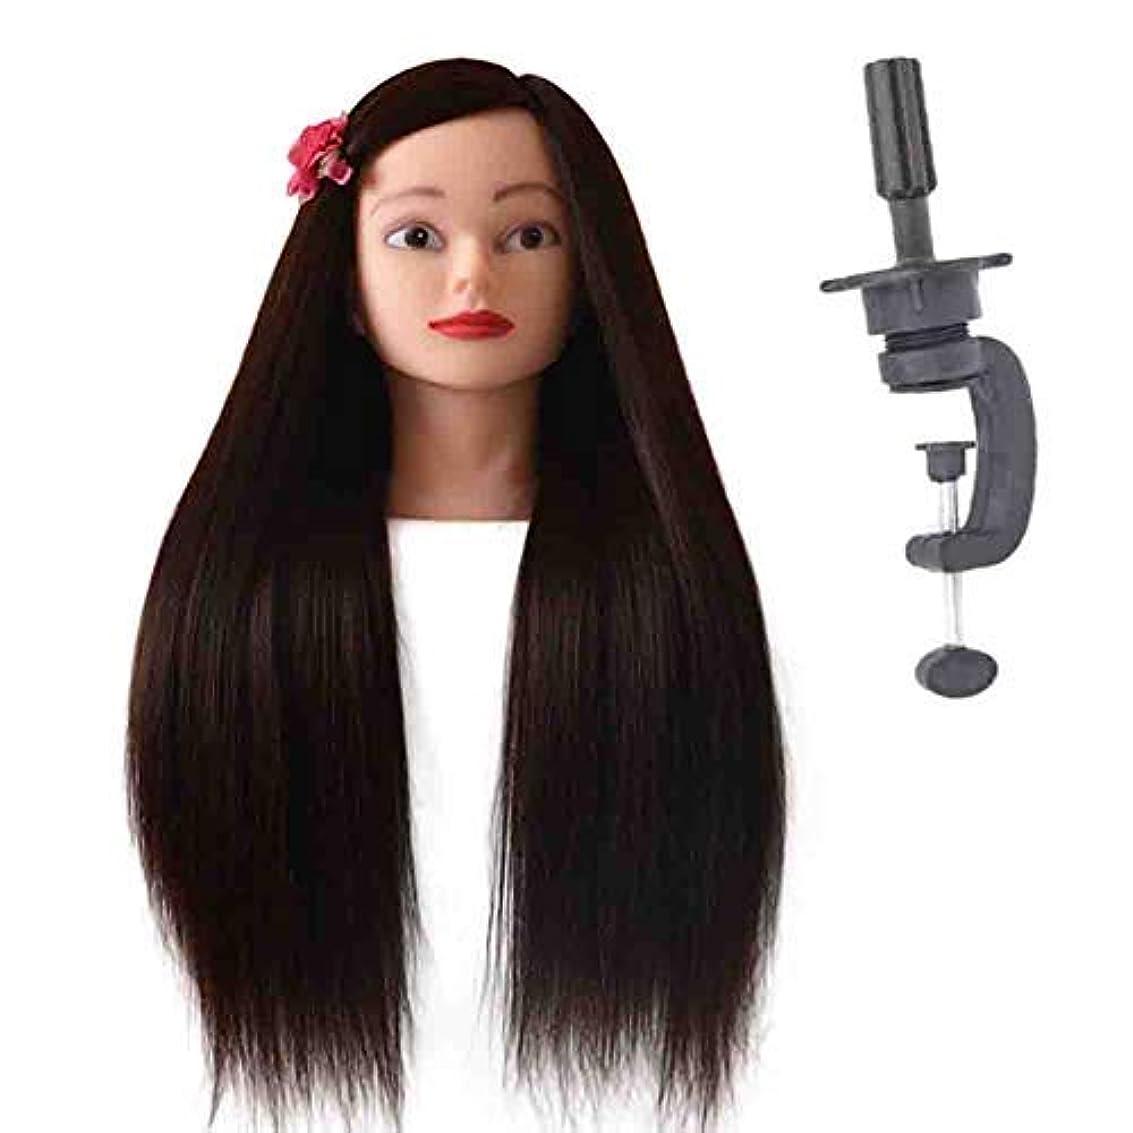 研磨省略するデータムトウモロコシホットシミュレーションヘアメイクヘアプレートヘアダミー練習ヘッド金型理髪店初心者トリムヘアトレーニングヘッド